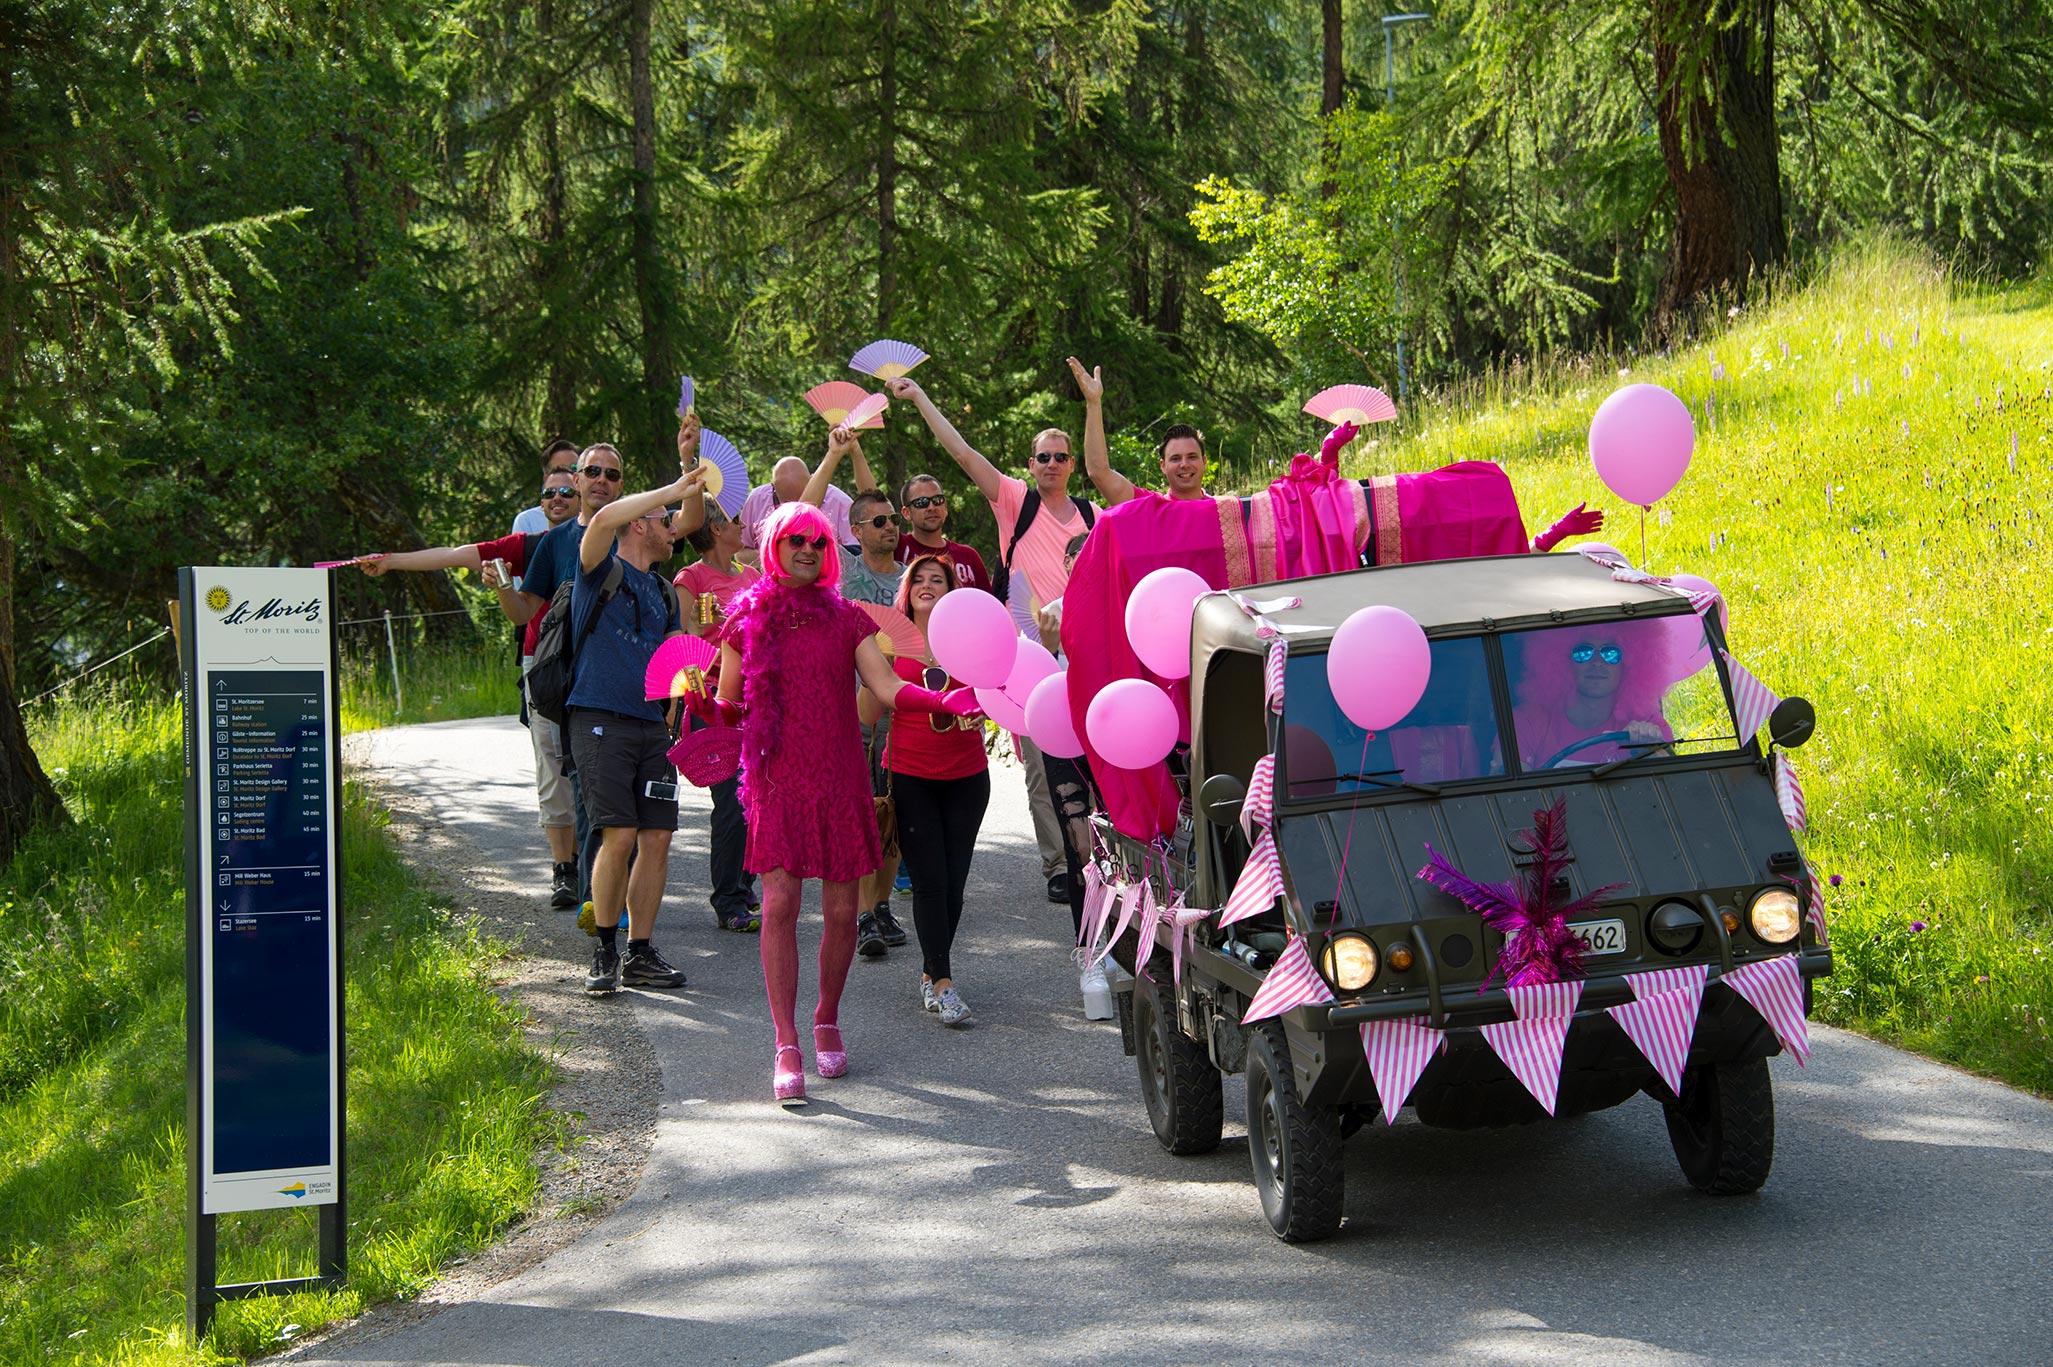 pink-pier-parade-2016-walk-lovemobil.jpg